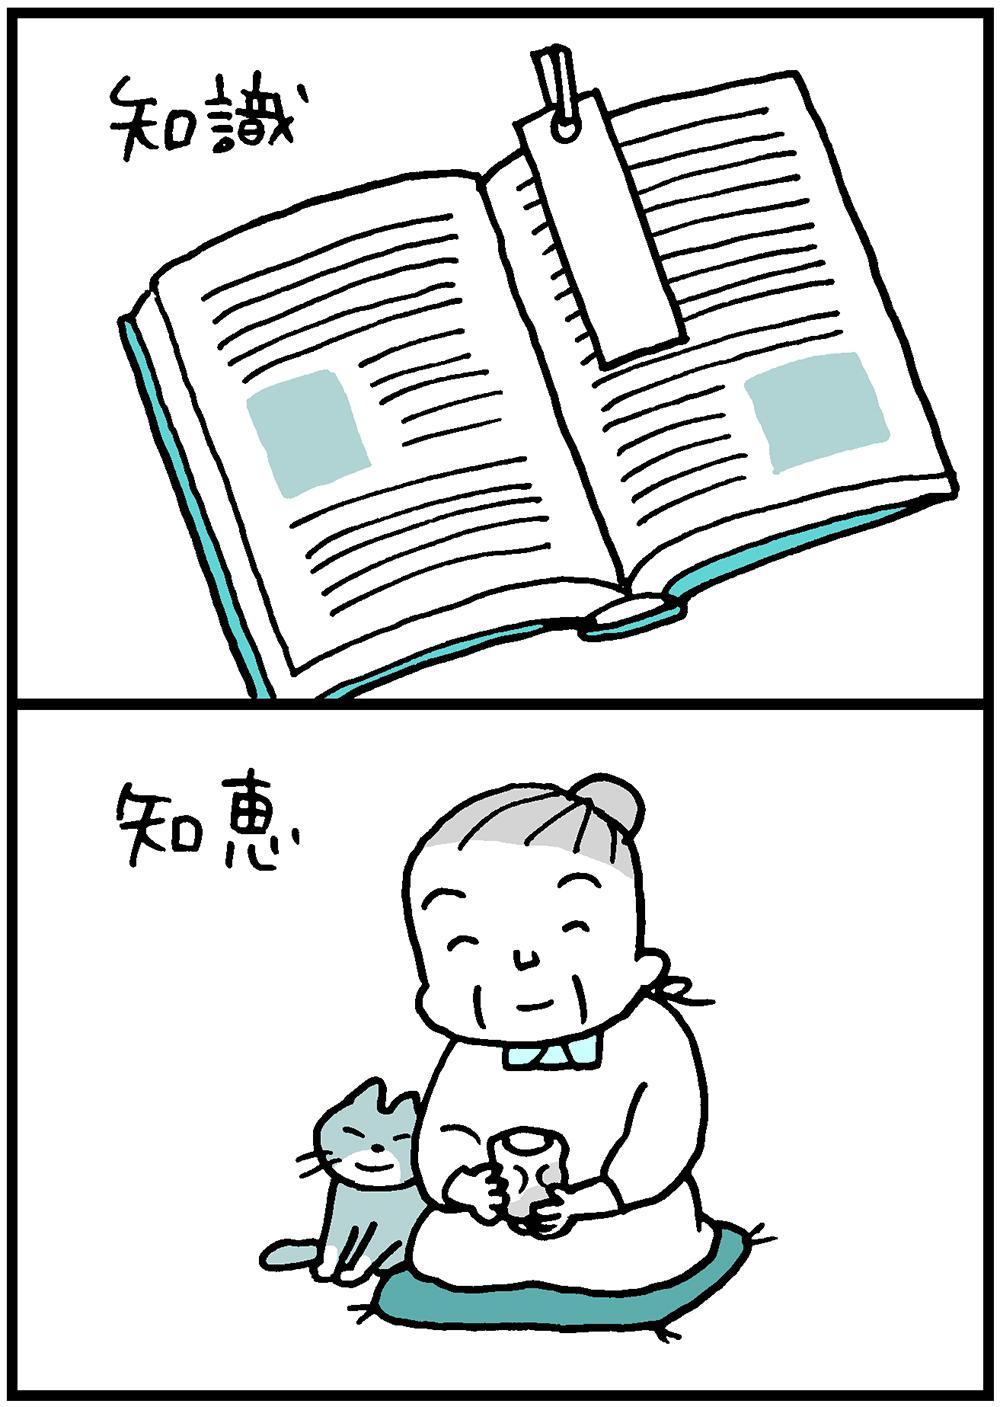 エッセイの挿画